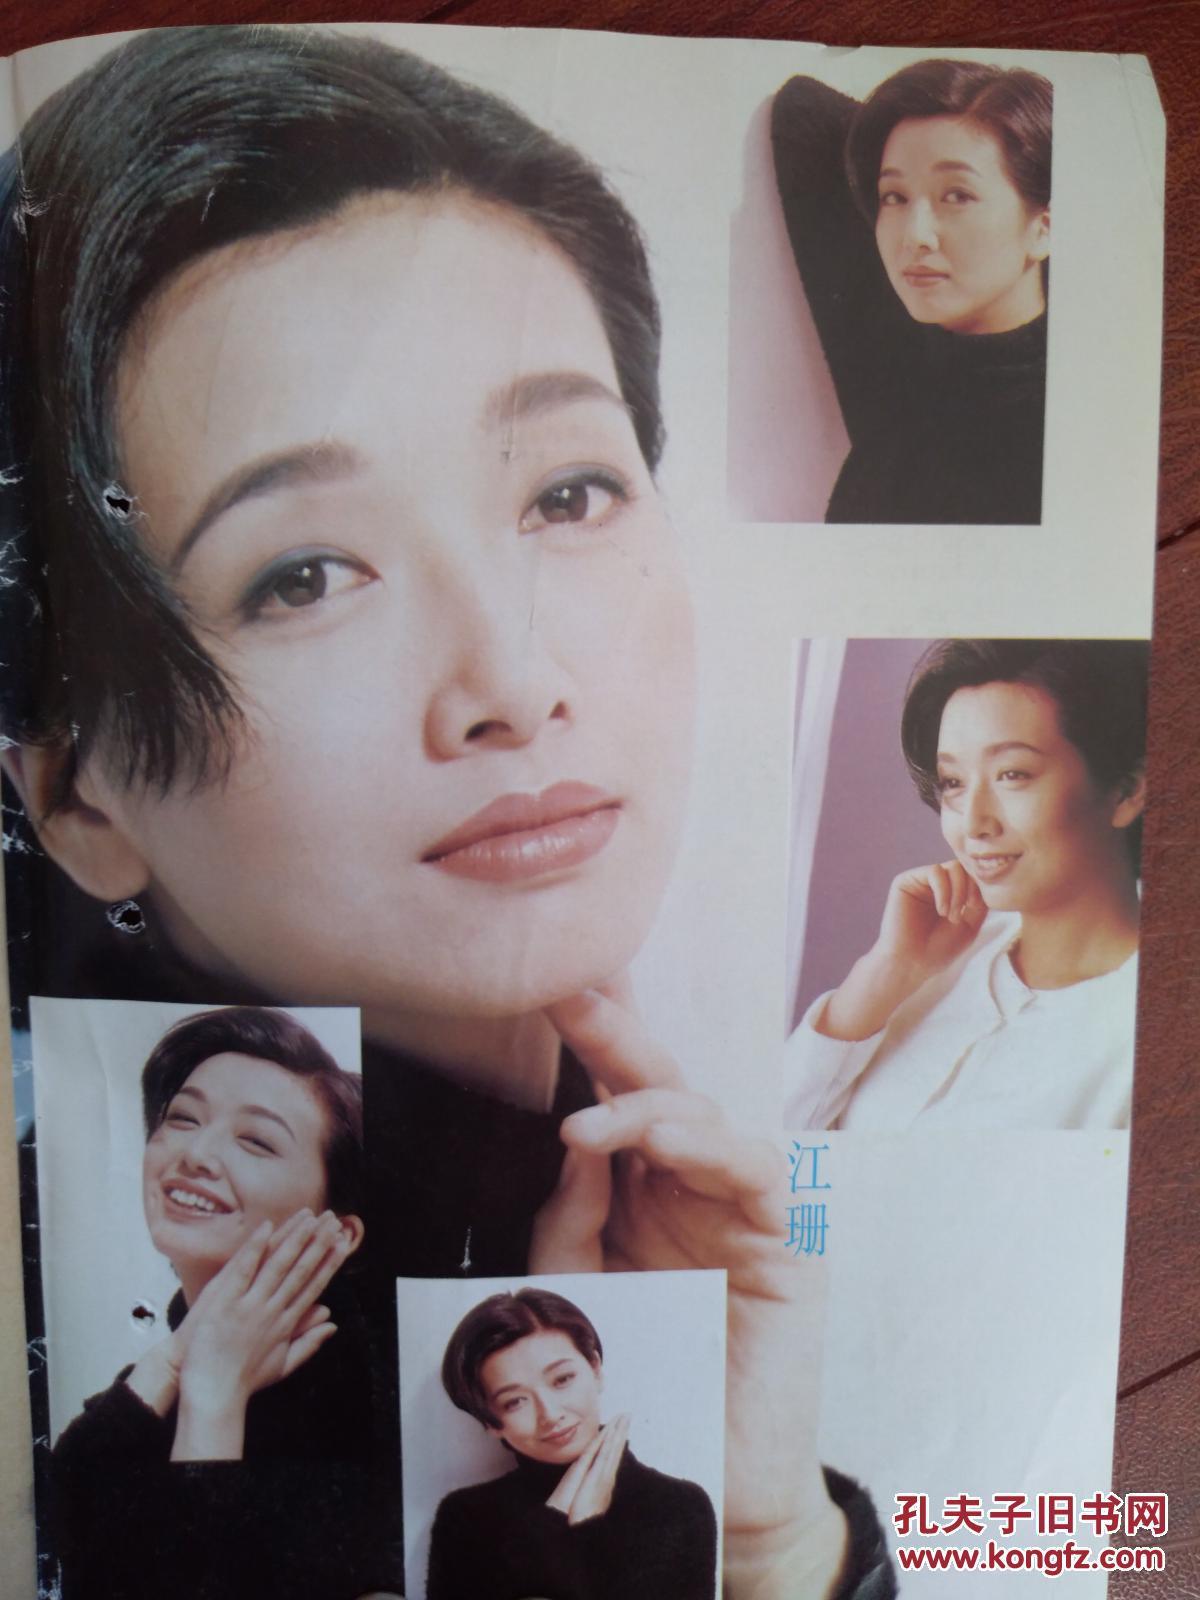 钟汉良喝照片表情心怎么加表情咖啡包图片